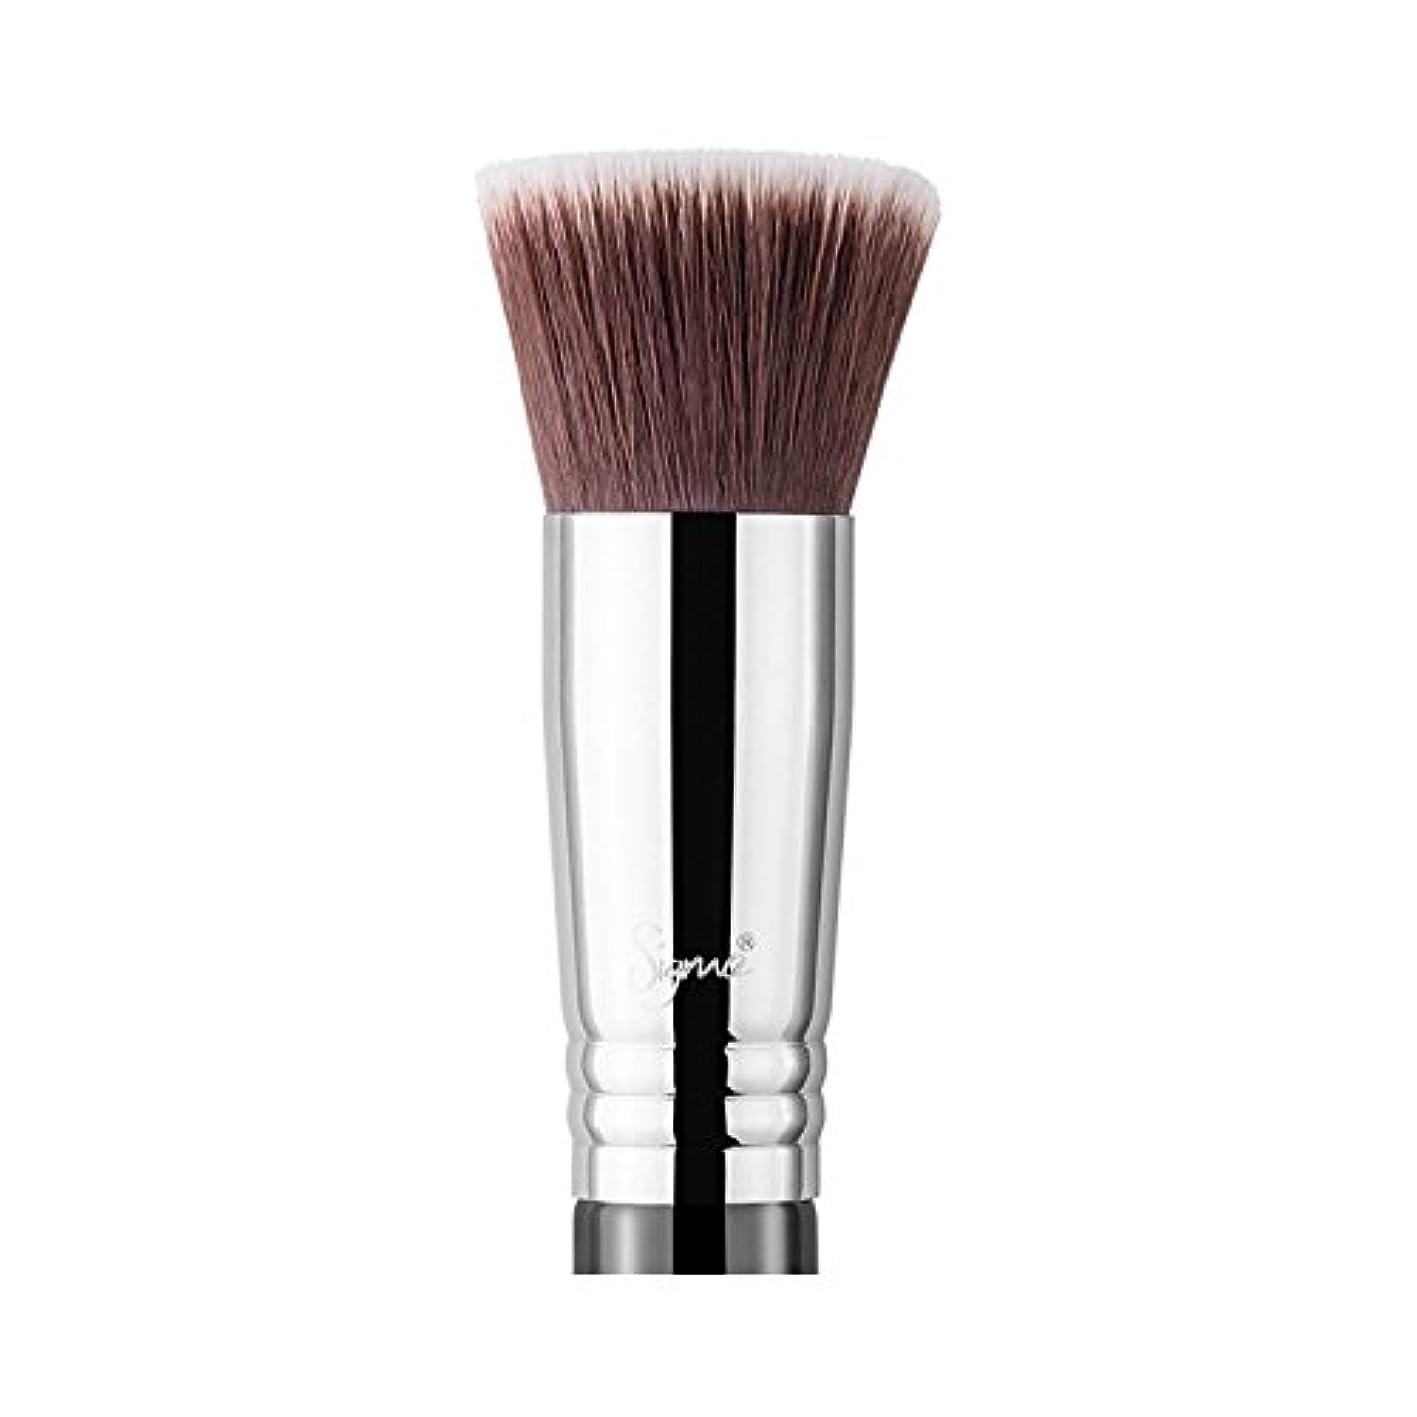 処方するワイヤーストライプSigma Beauty F80 Flat Kabuki Brush -並行輸入品